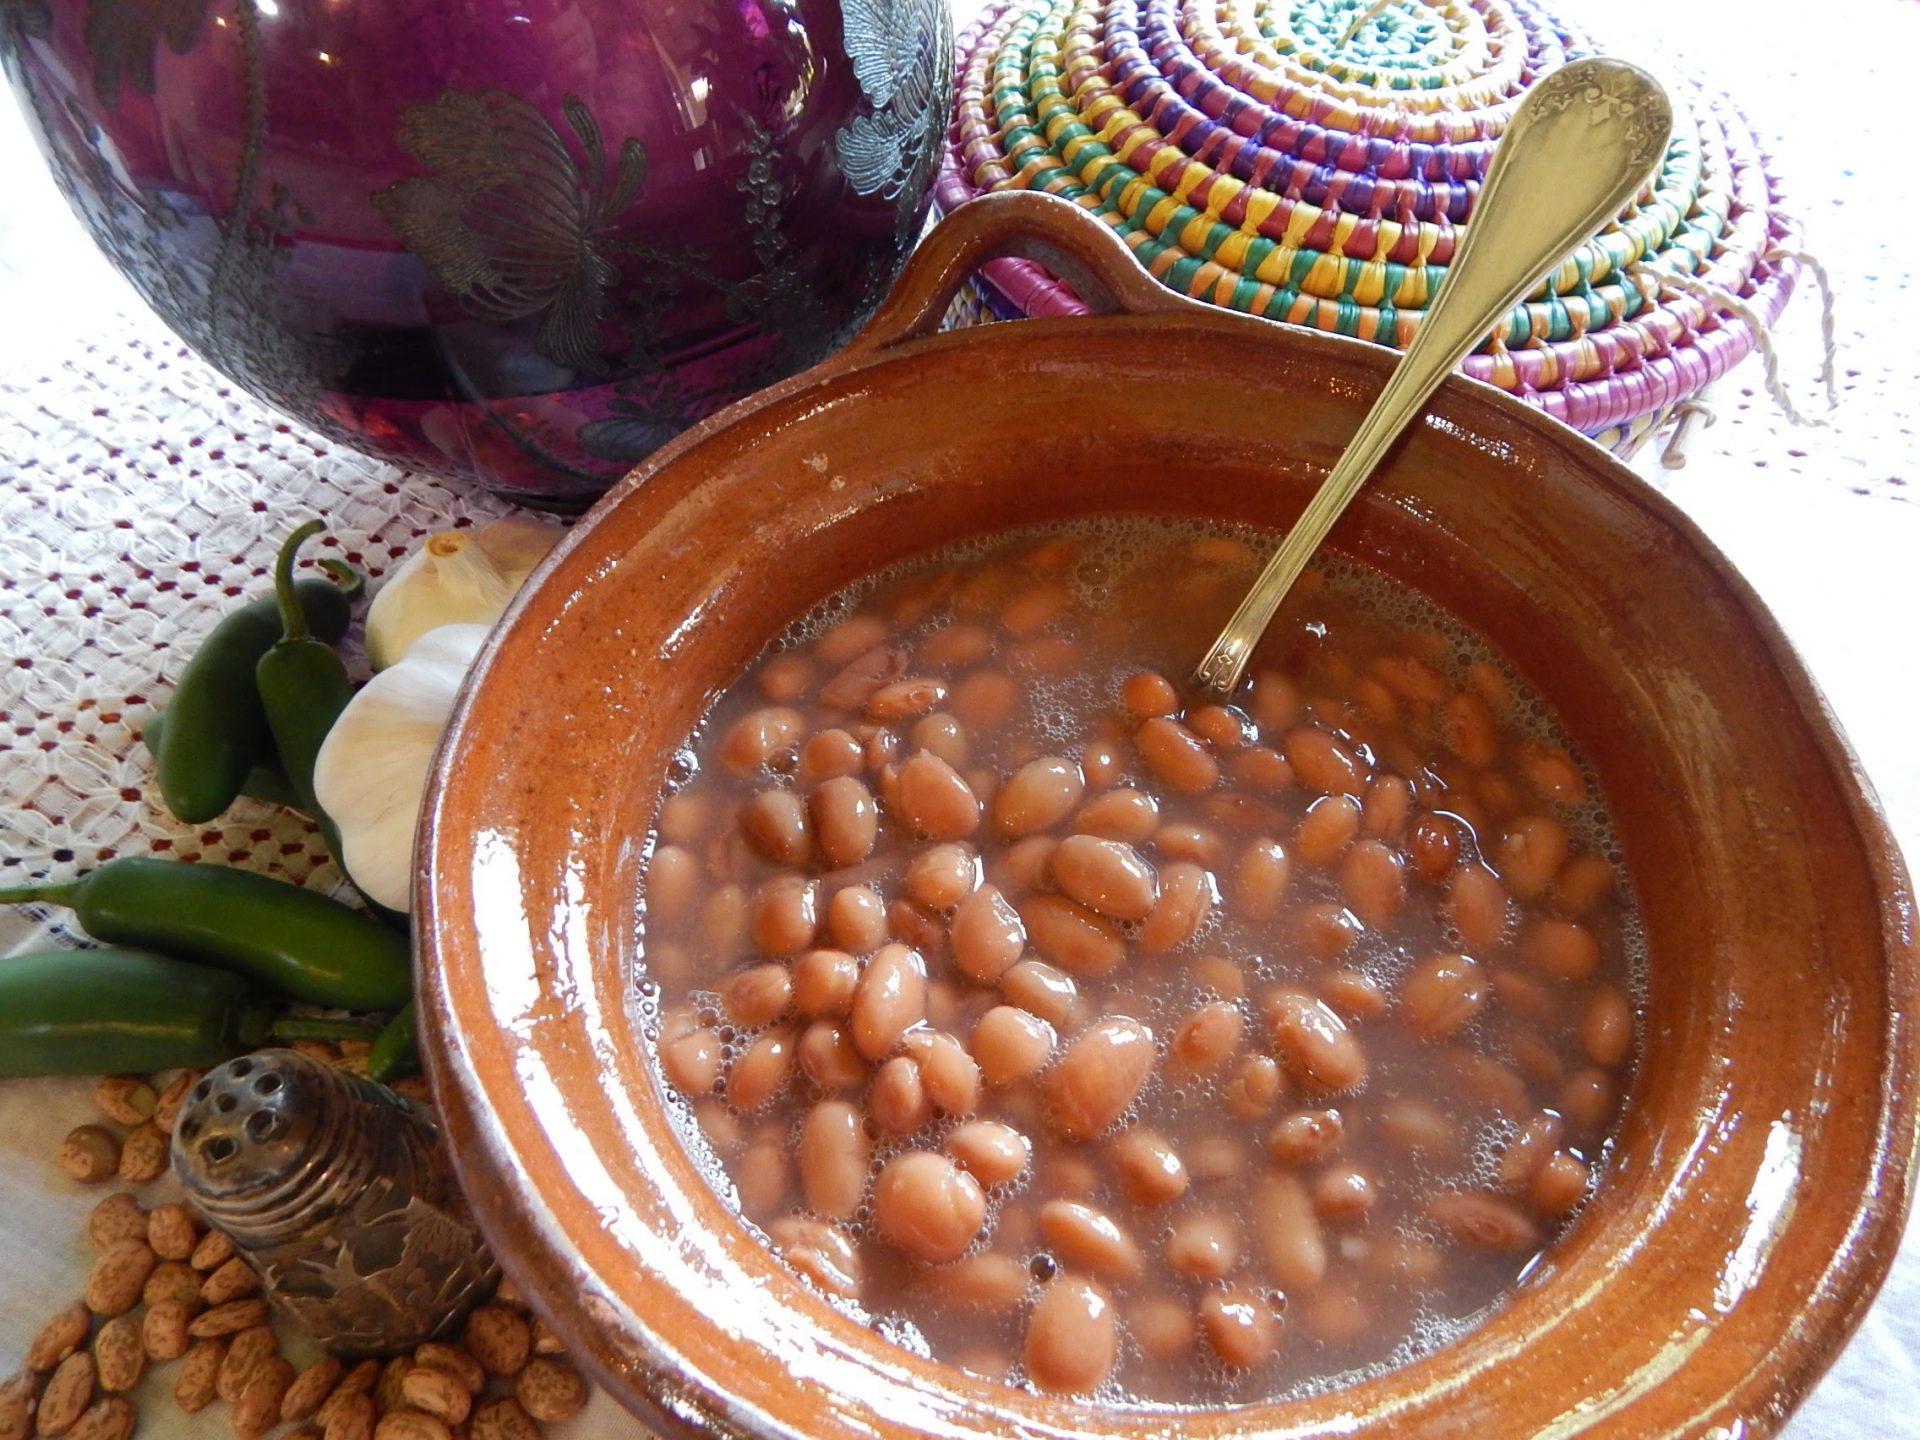 Formas muy mexicanas de preparar frijoles